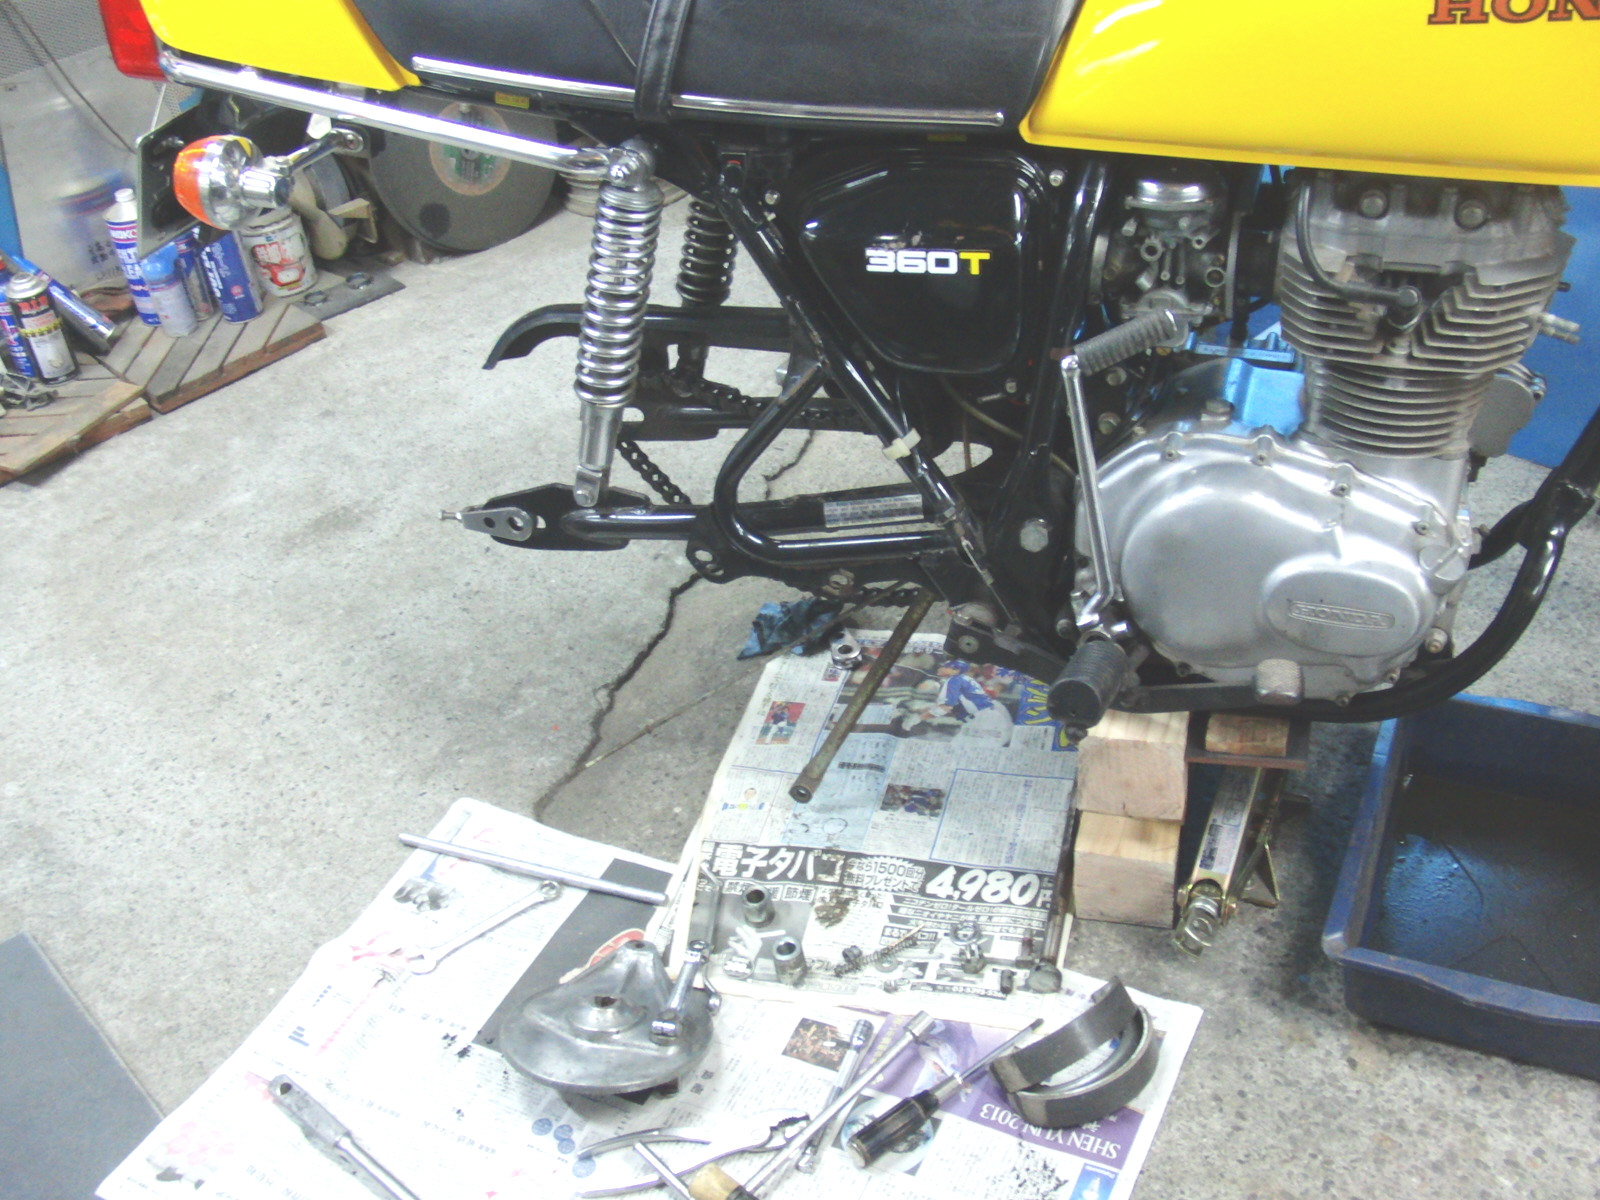 http://www.precious-factory.com/preciousfactory2010/CIMG2555.JPG